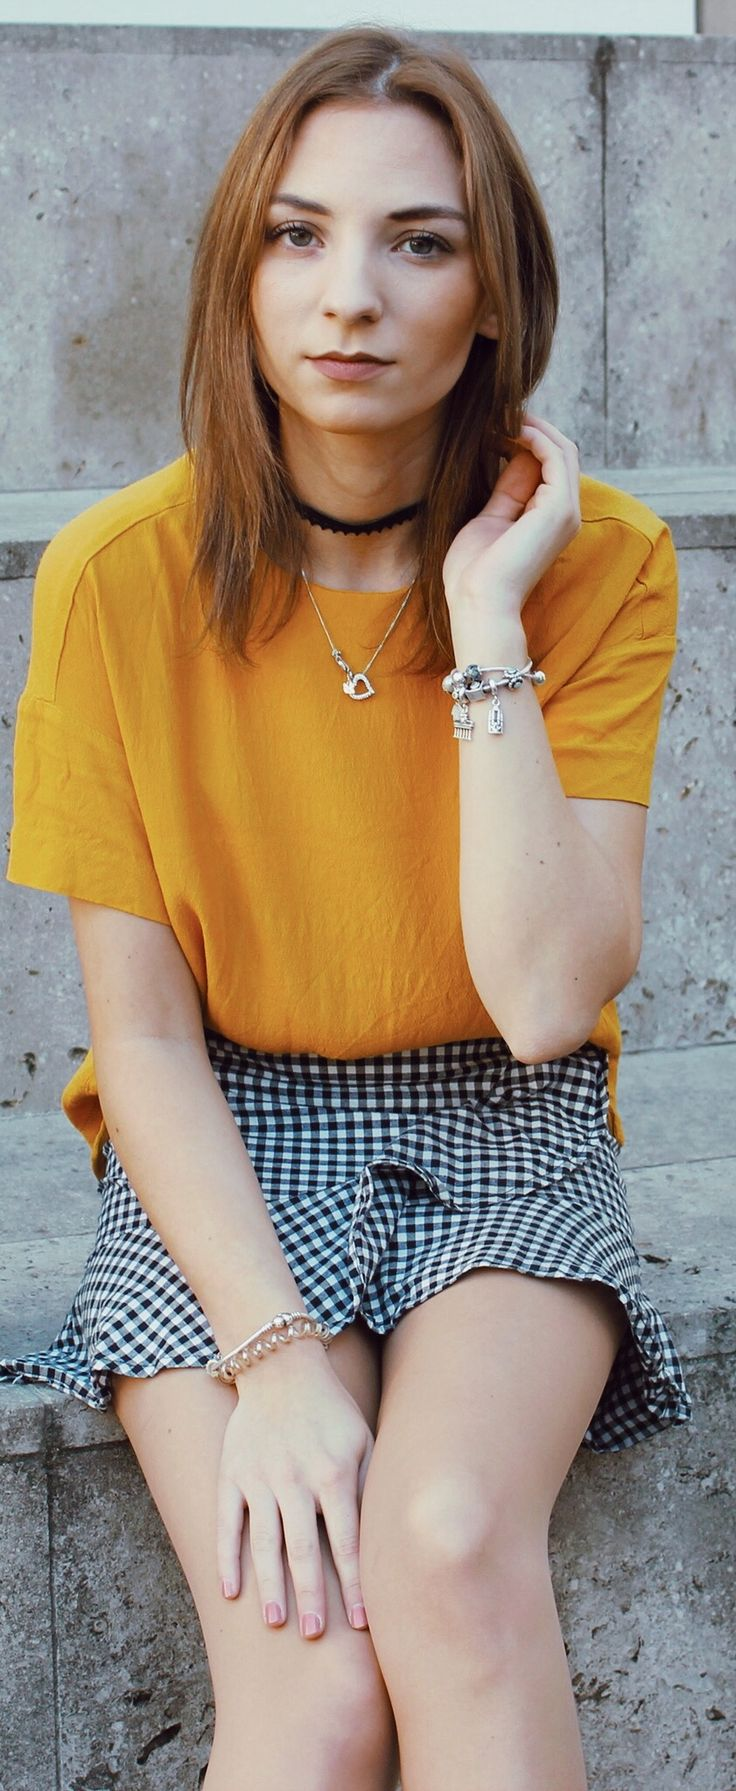 Lemon Curry – eine der Trendfarben für den Herbst/Winter 2017/2018. Wie stylst du Lemon Curry? Was solltest du nun in Lemon Curry shoppen?  Du bist auf der Suche nach Herbstinspiration für deinen Herbstlook? Du brauchst ein bisschen Inspiration für deine Herbstoutfits? Dann solltest du diesen Beitrag unbedingt lesen